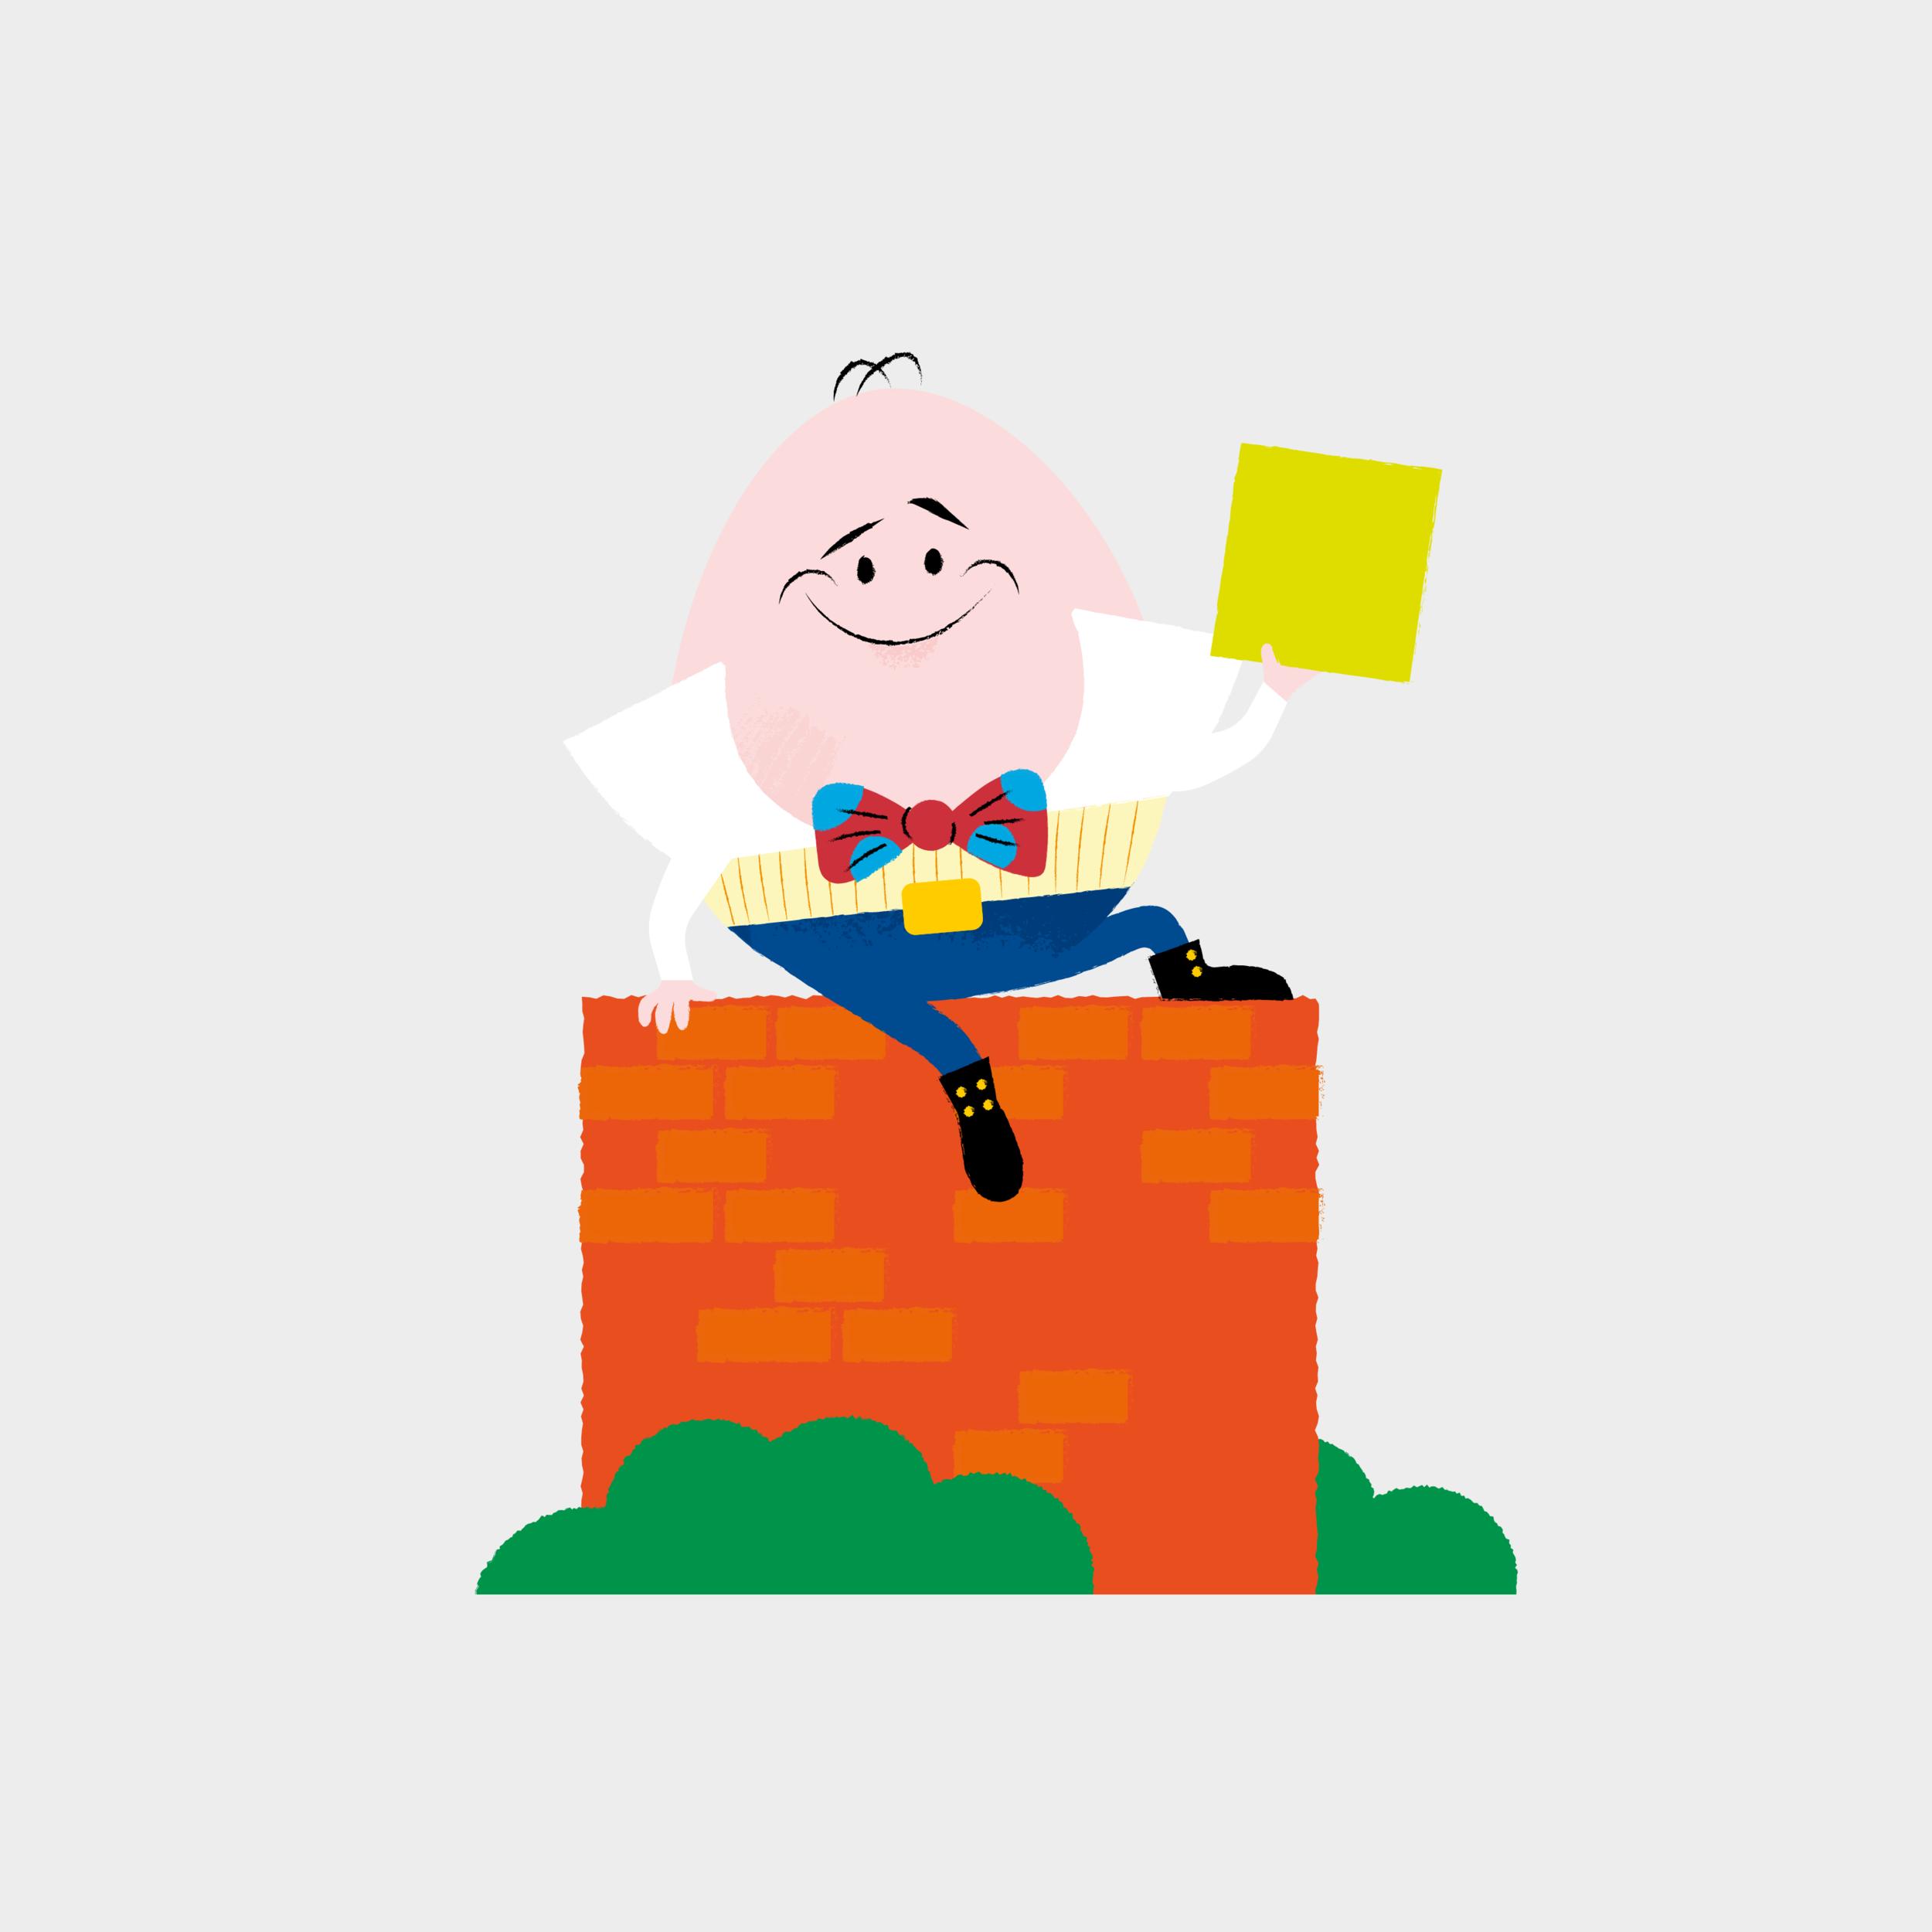 Humpty Dumpty@2x.png